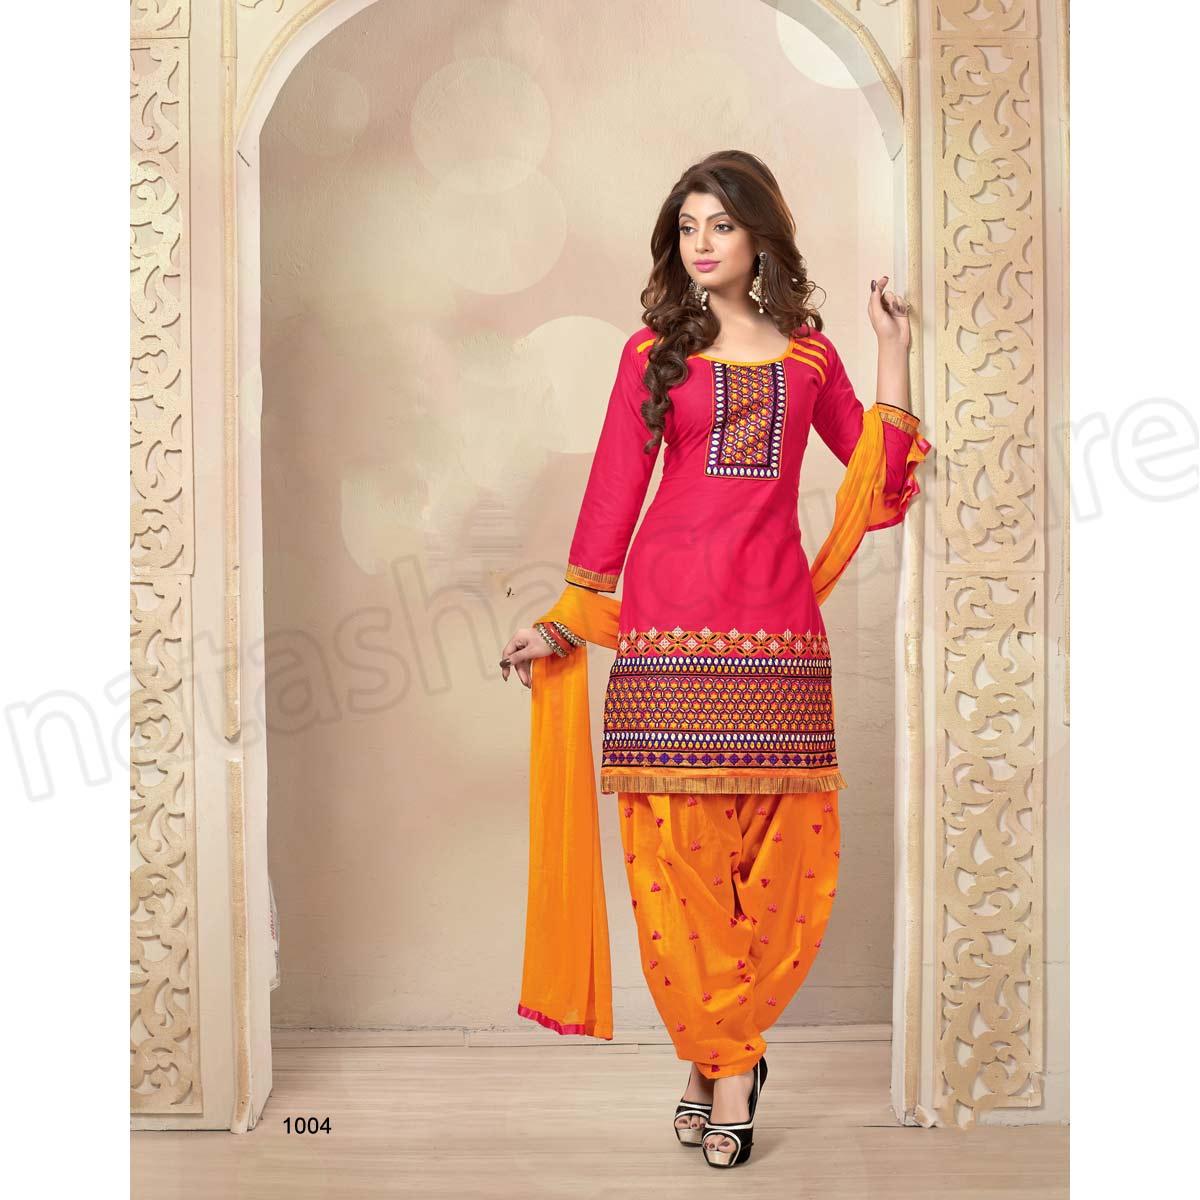 Punjabi Suits Latest Indian patiala Shalwar Kameez Collection 2015-2016 (31)